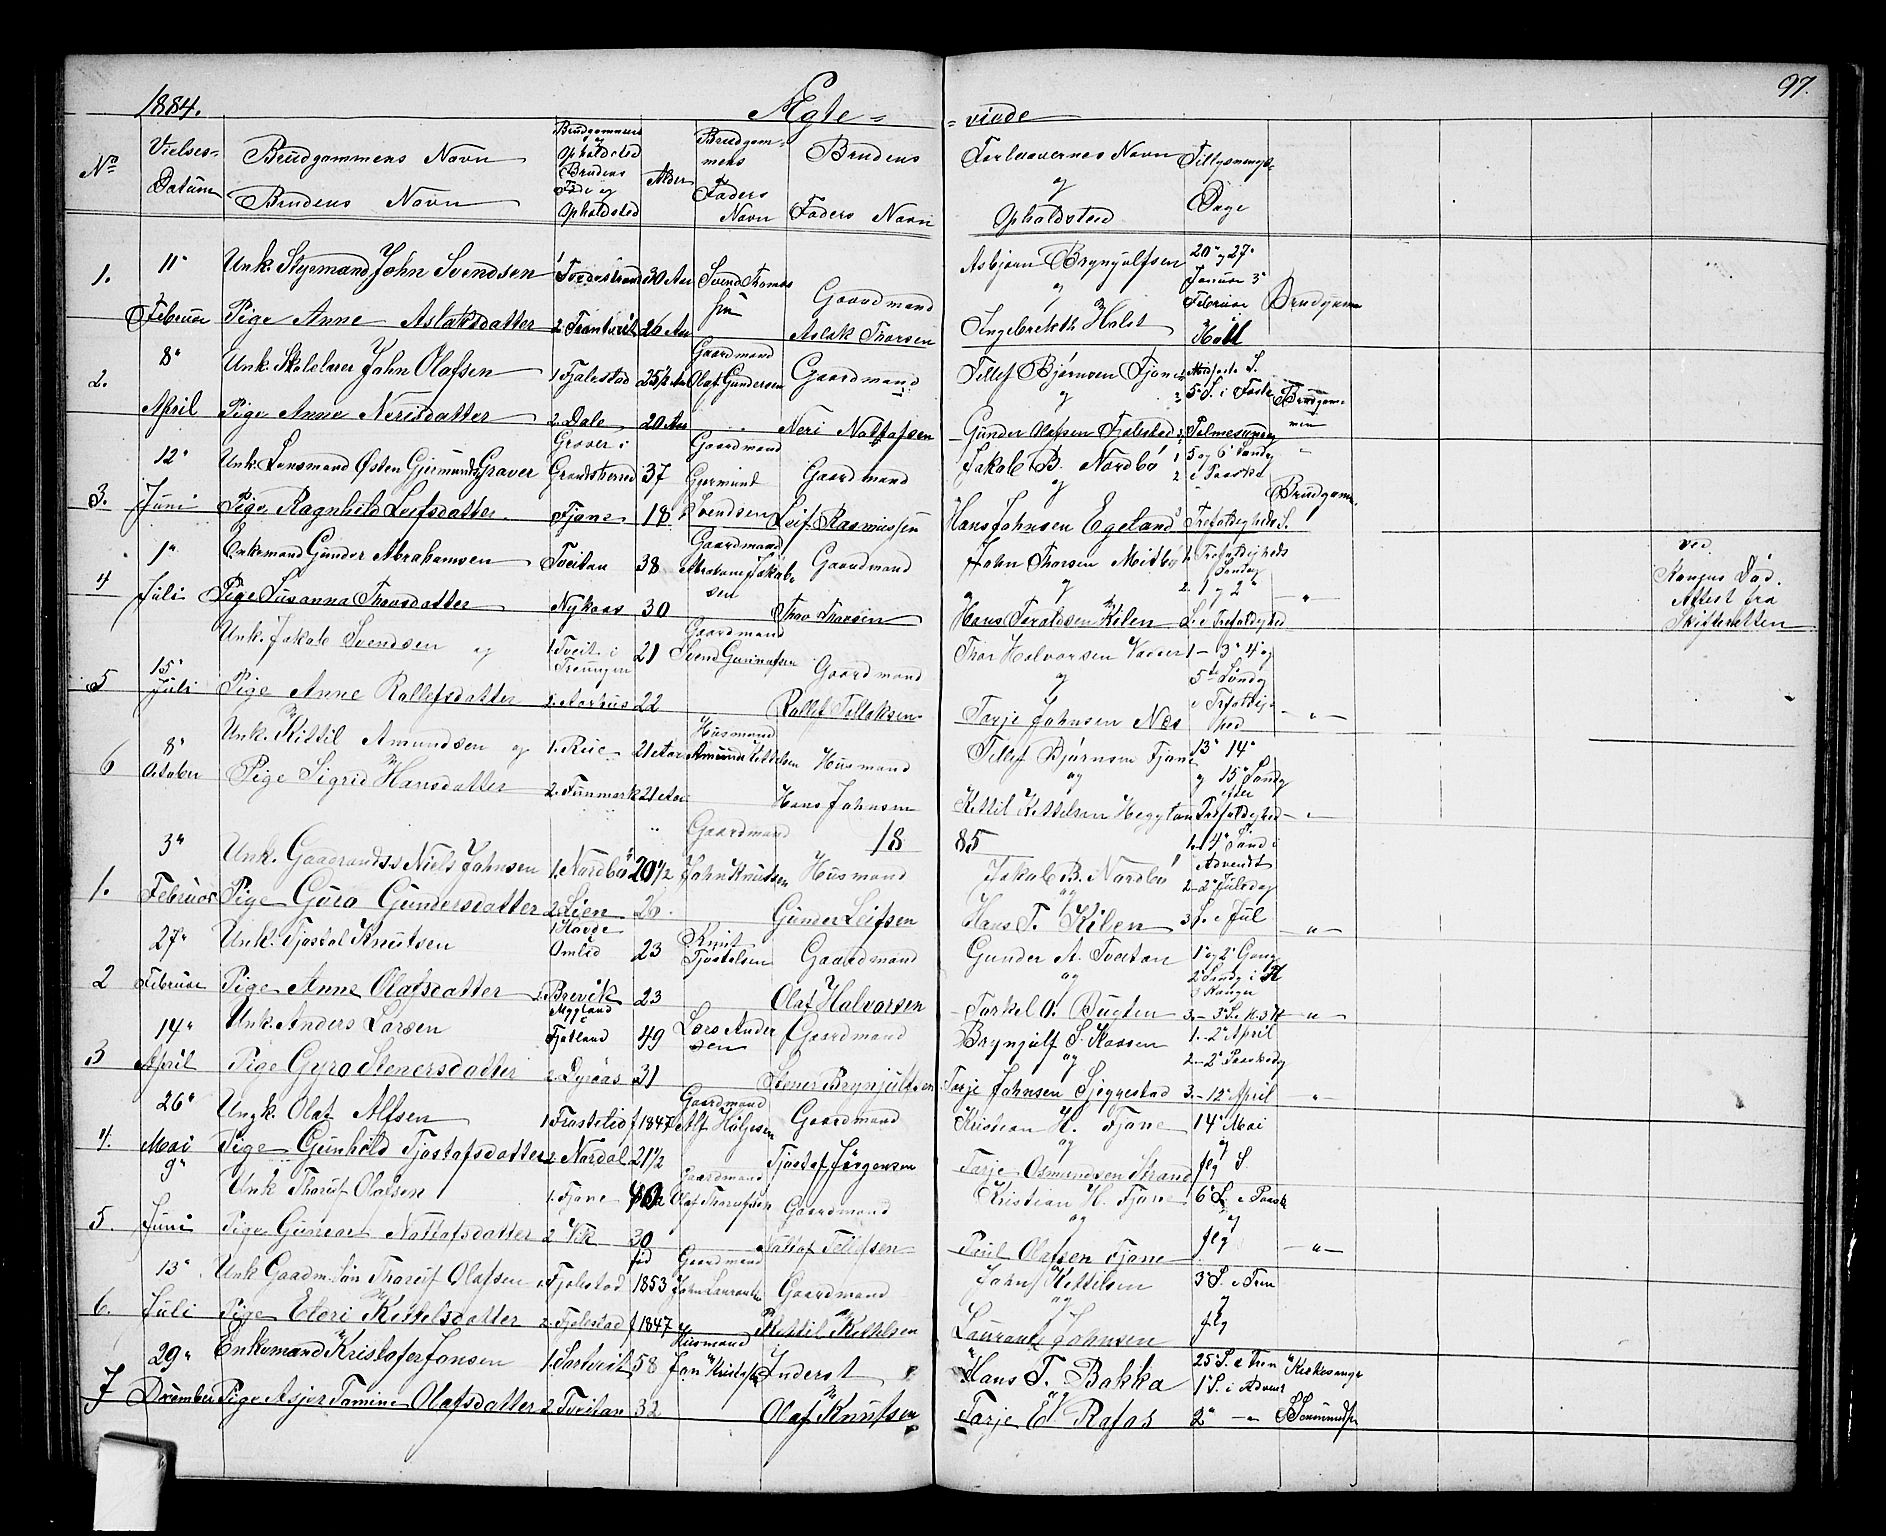 SAKO, Nissedal kirkebøker, G/Ga/L0002: Klokkerbok nr. I 2, 1861-1887, s. 97